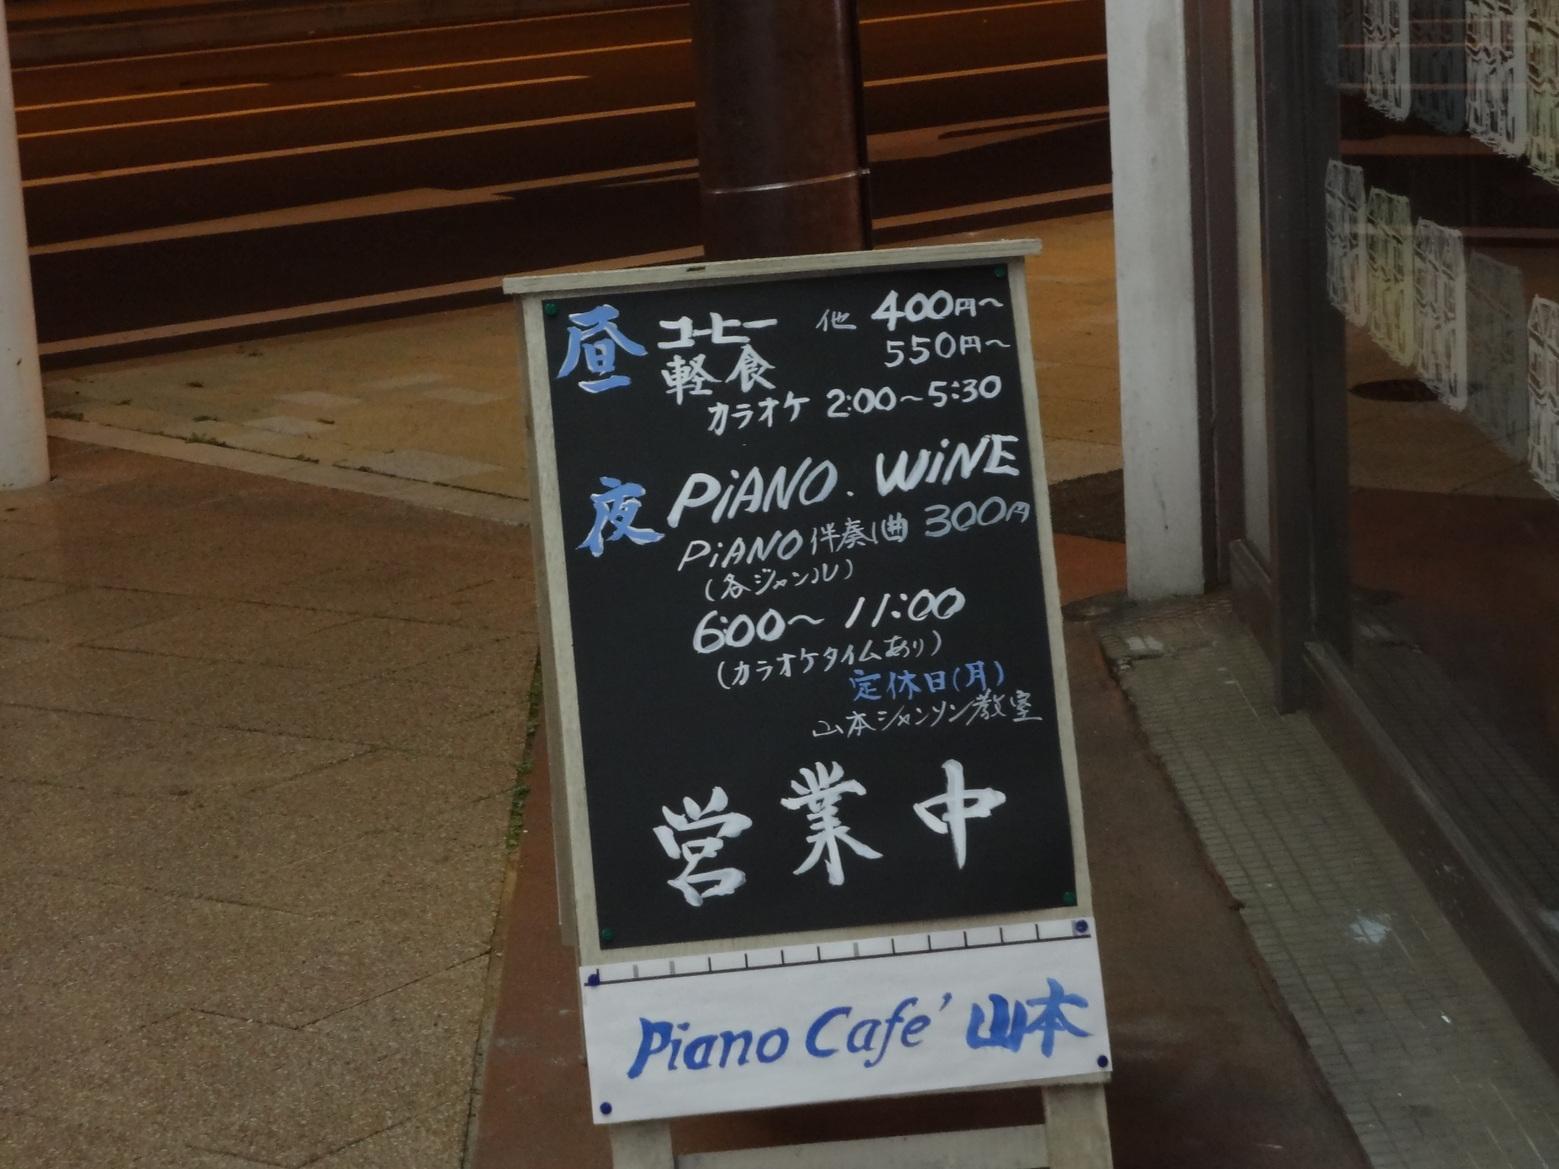 ピアノカフェ 山本